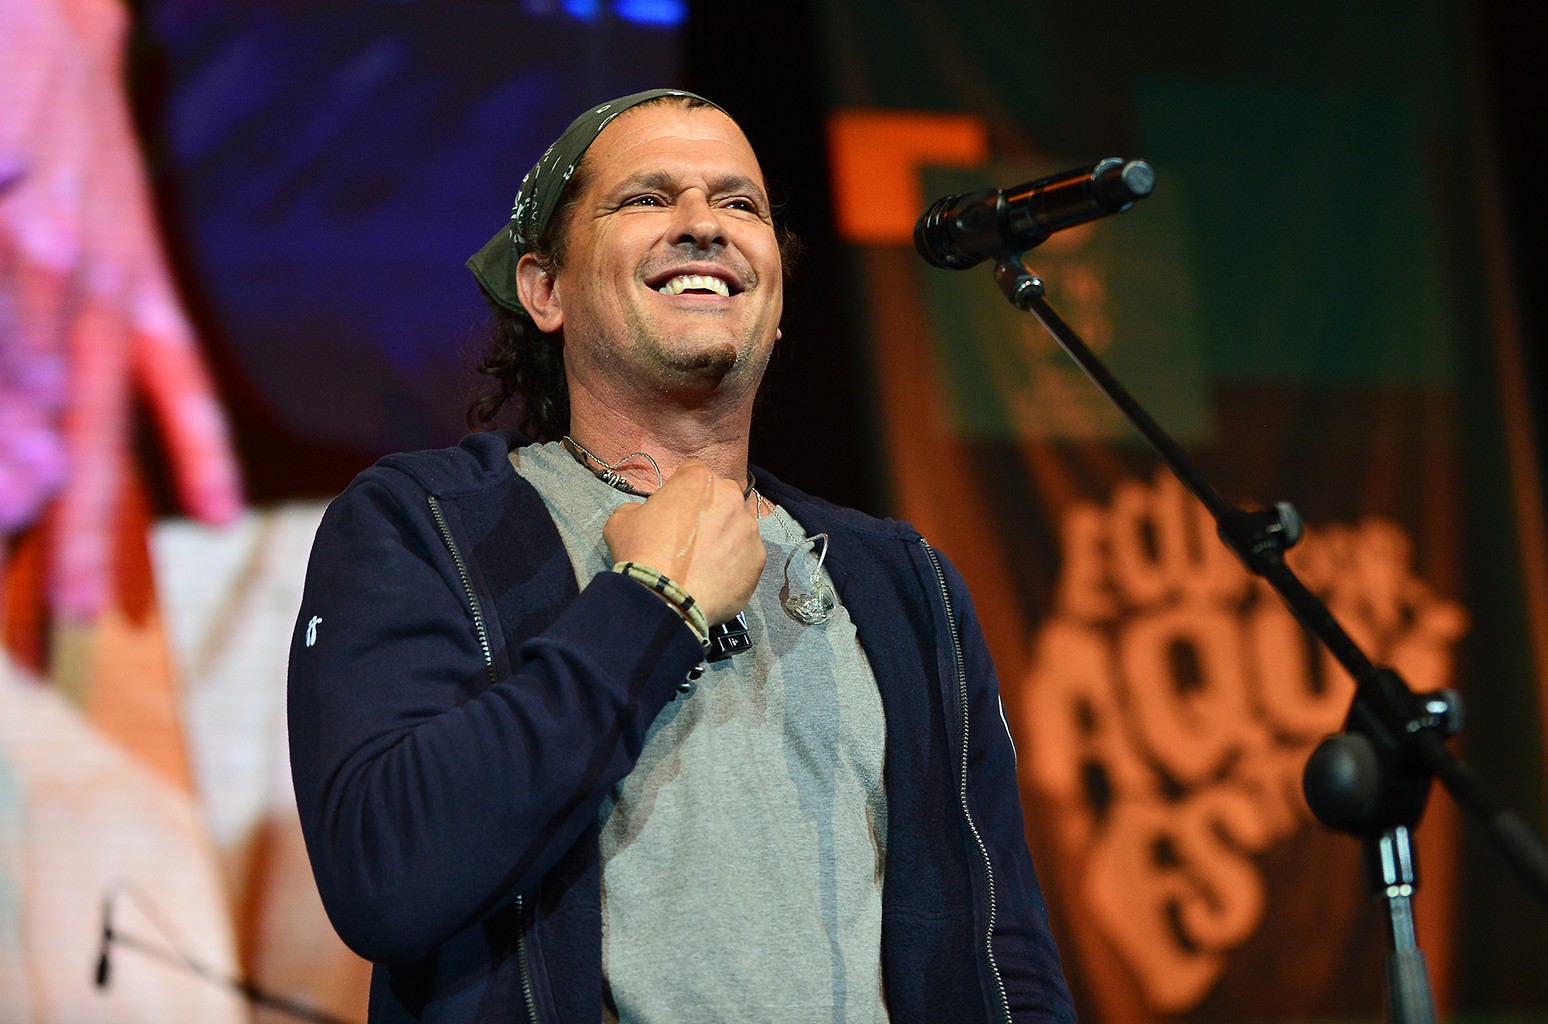 Carlos Vives performs in Miami